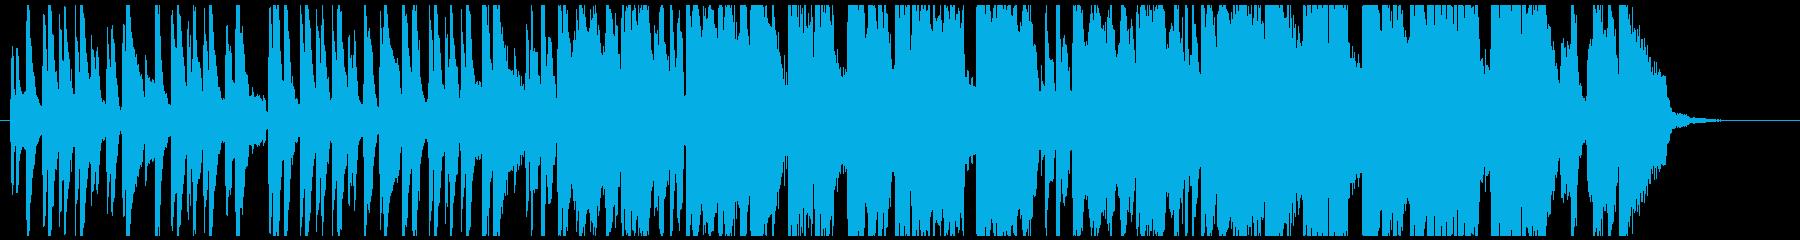 上質でおしゃれな ラウンジ向けのジャズの再生済みの波形